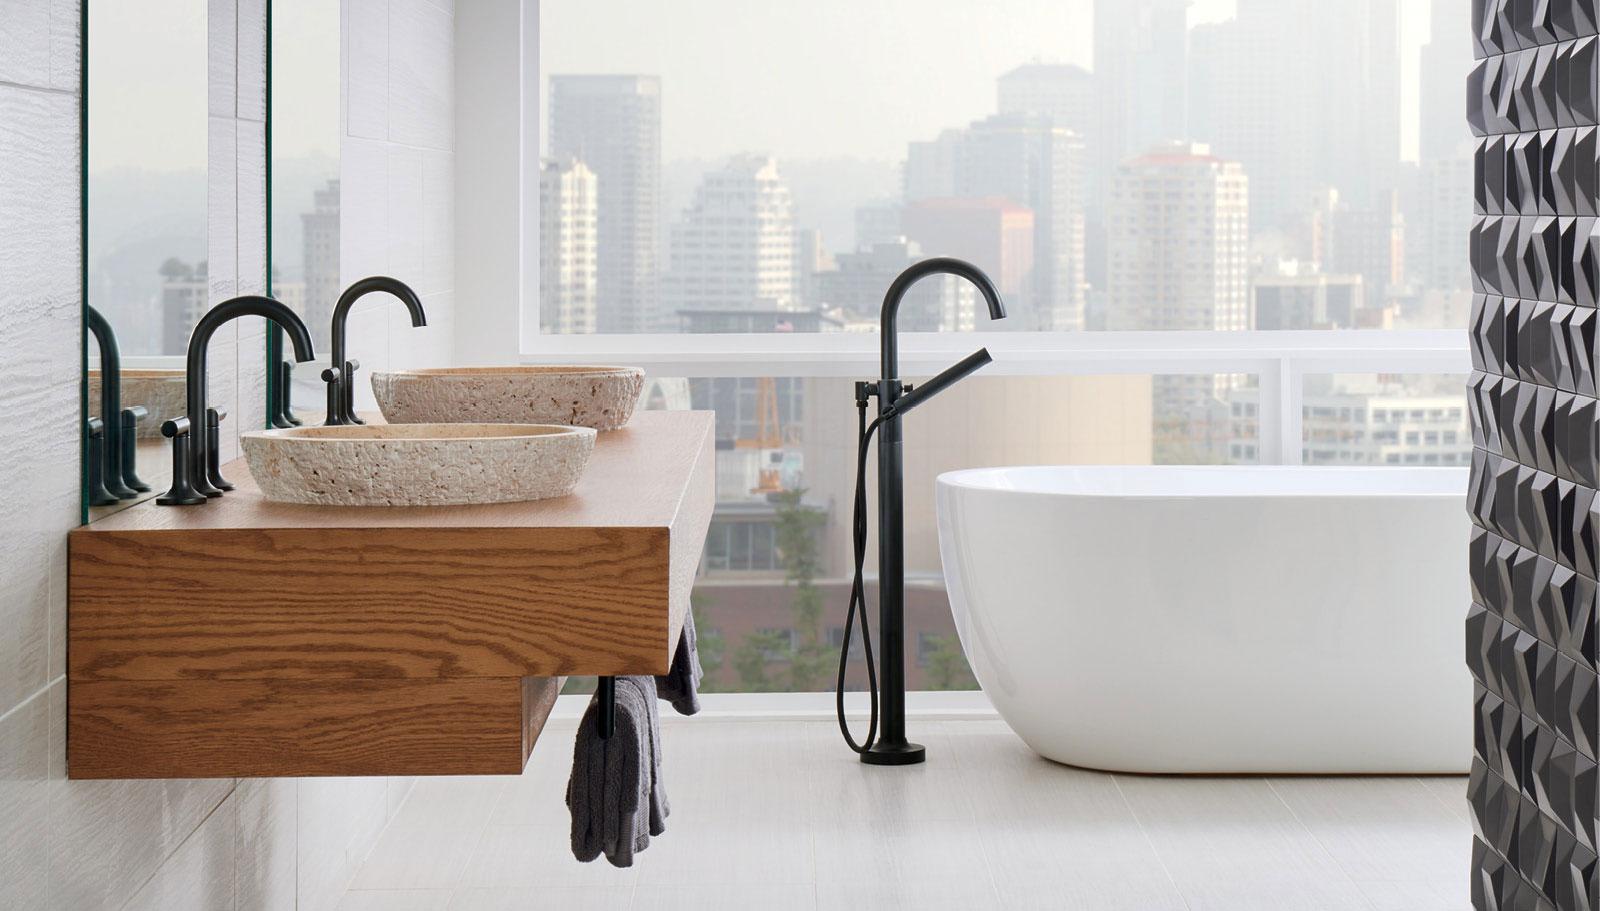 打造淋浴天堂!四大頂尖衛浴品牌訂製你非凡私人時光